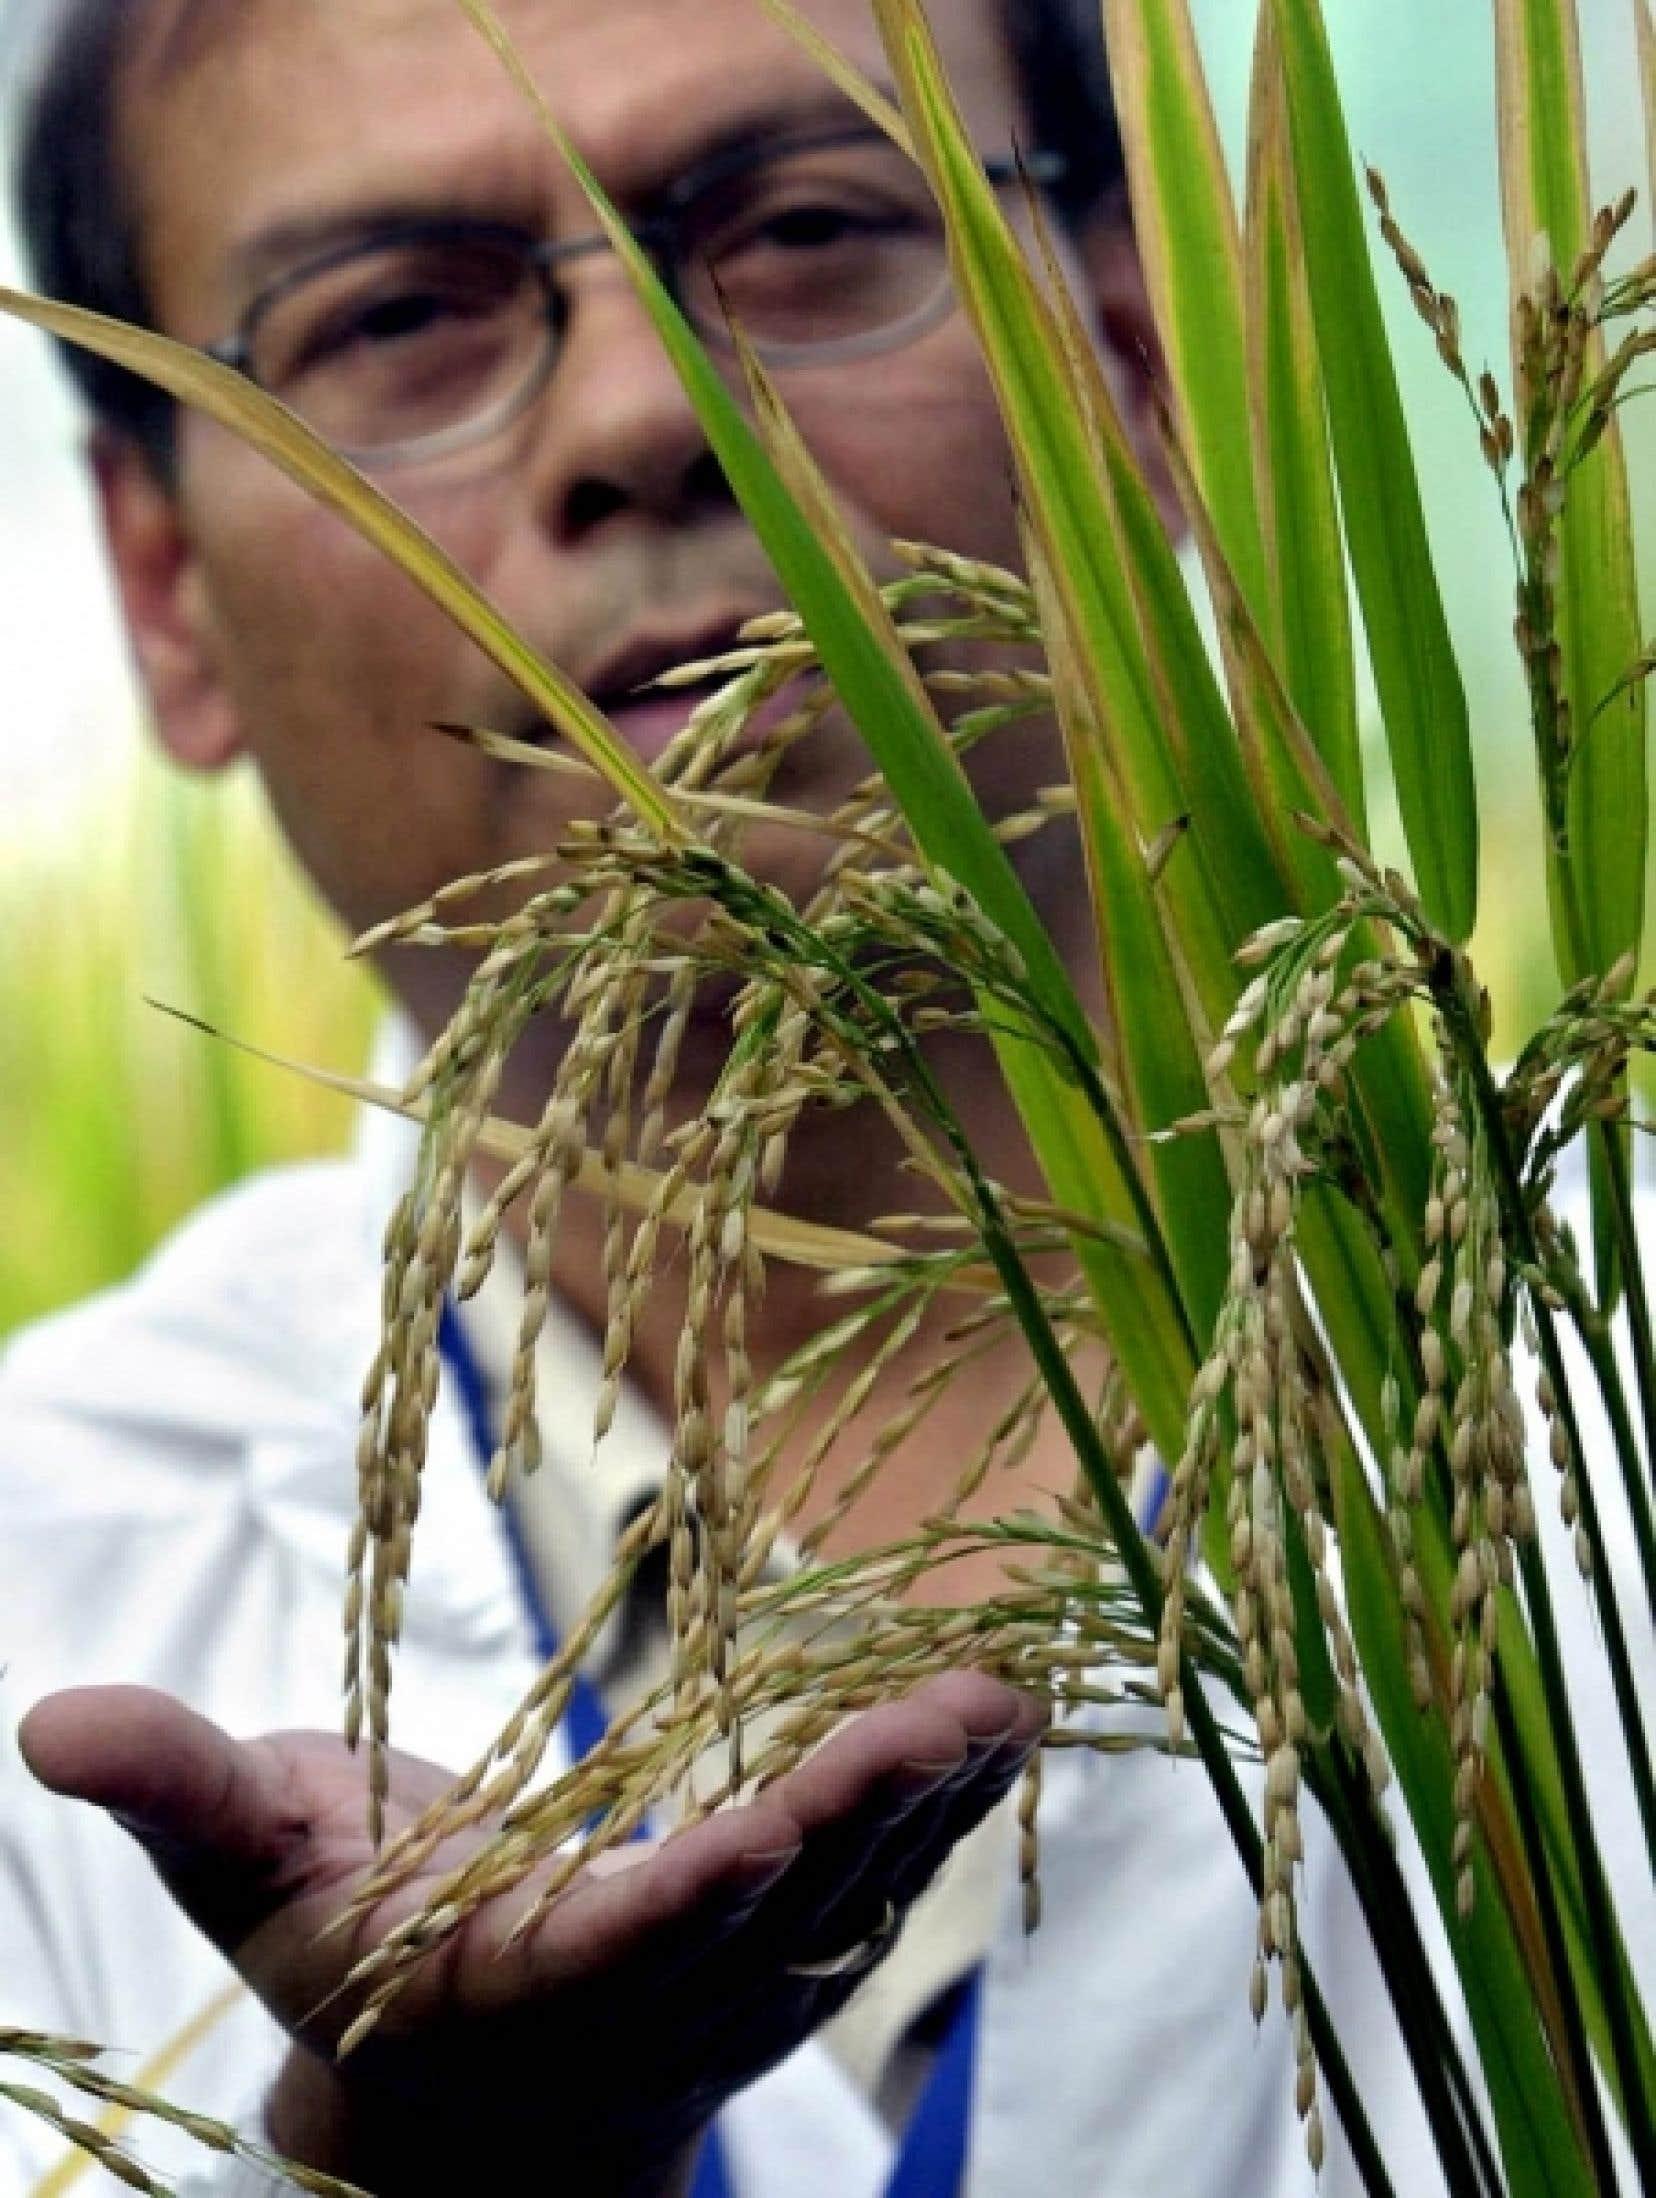 Le nouveau «protocole de Nagoya-Kuala Lumpur» définit un régime de responsabilité pour les producteurs d'OGM et de répartition des dommages à l'environnement.<br />